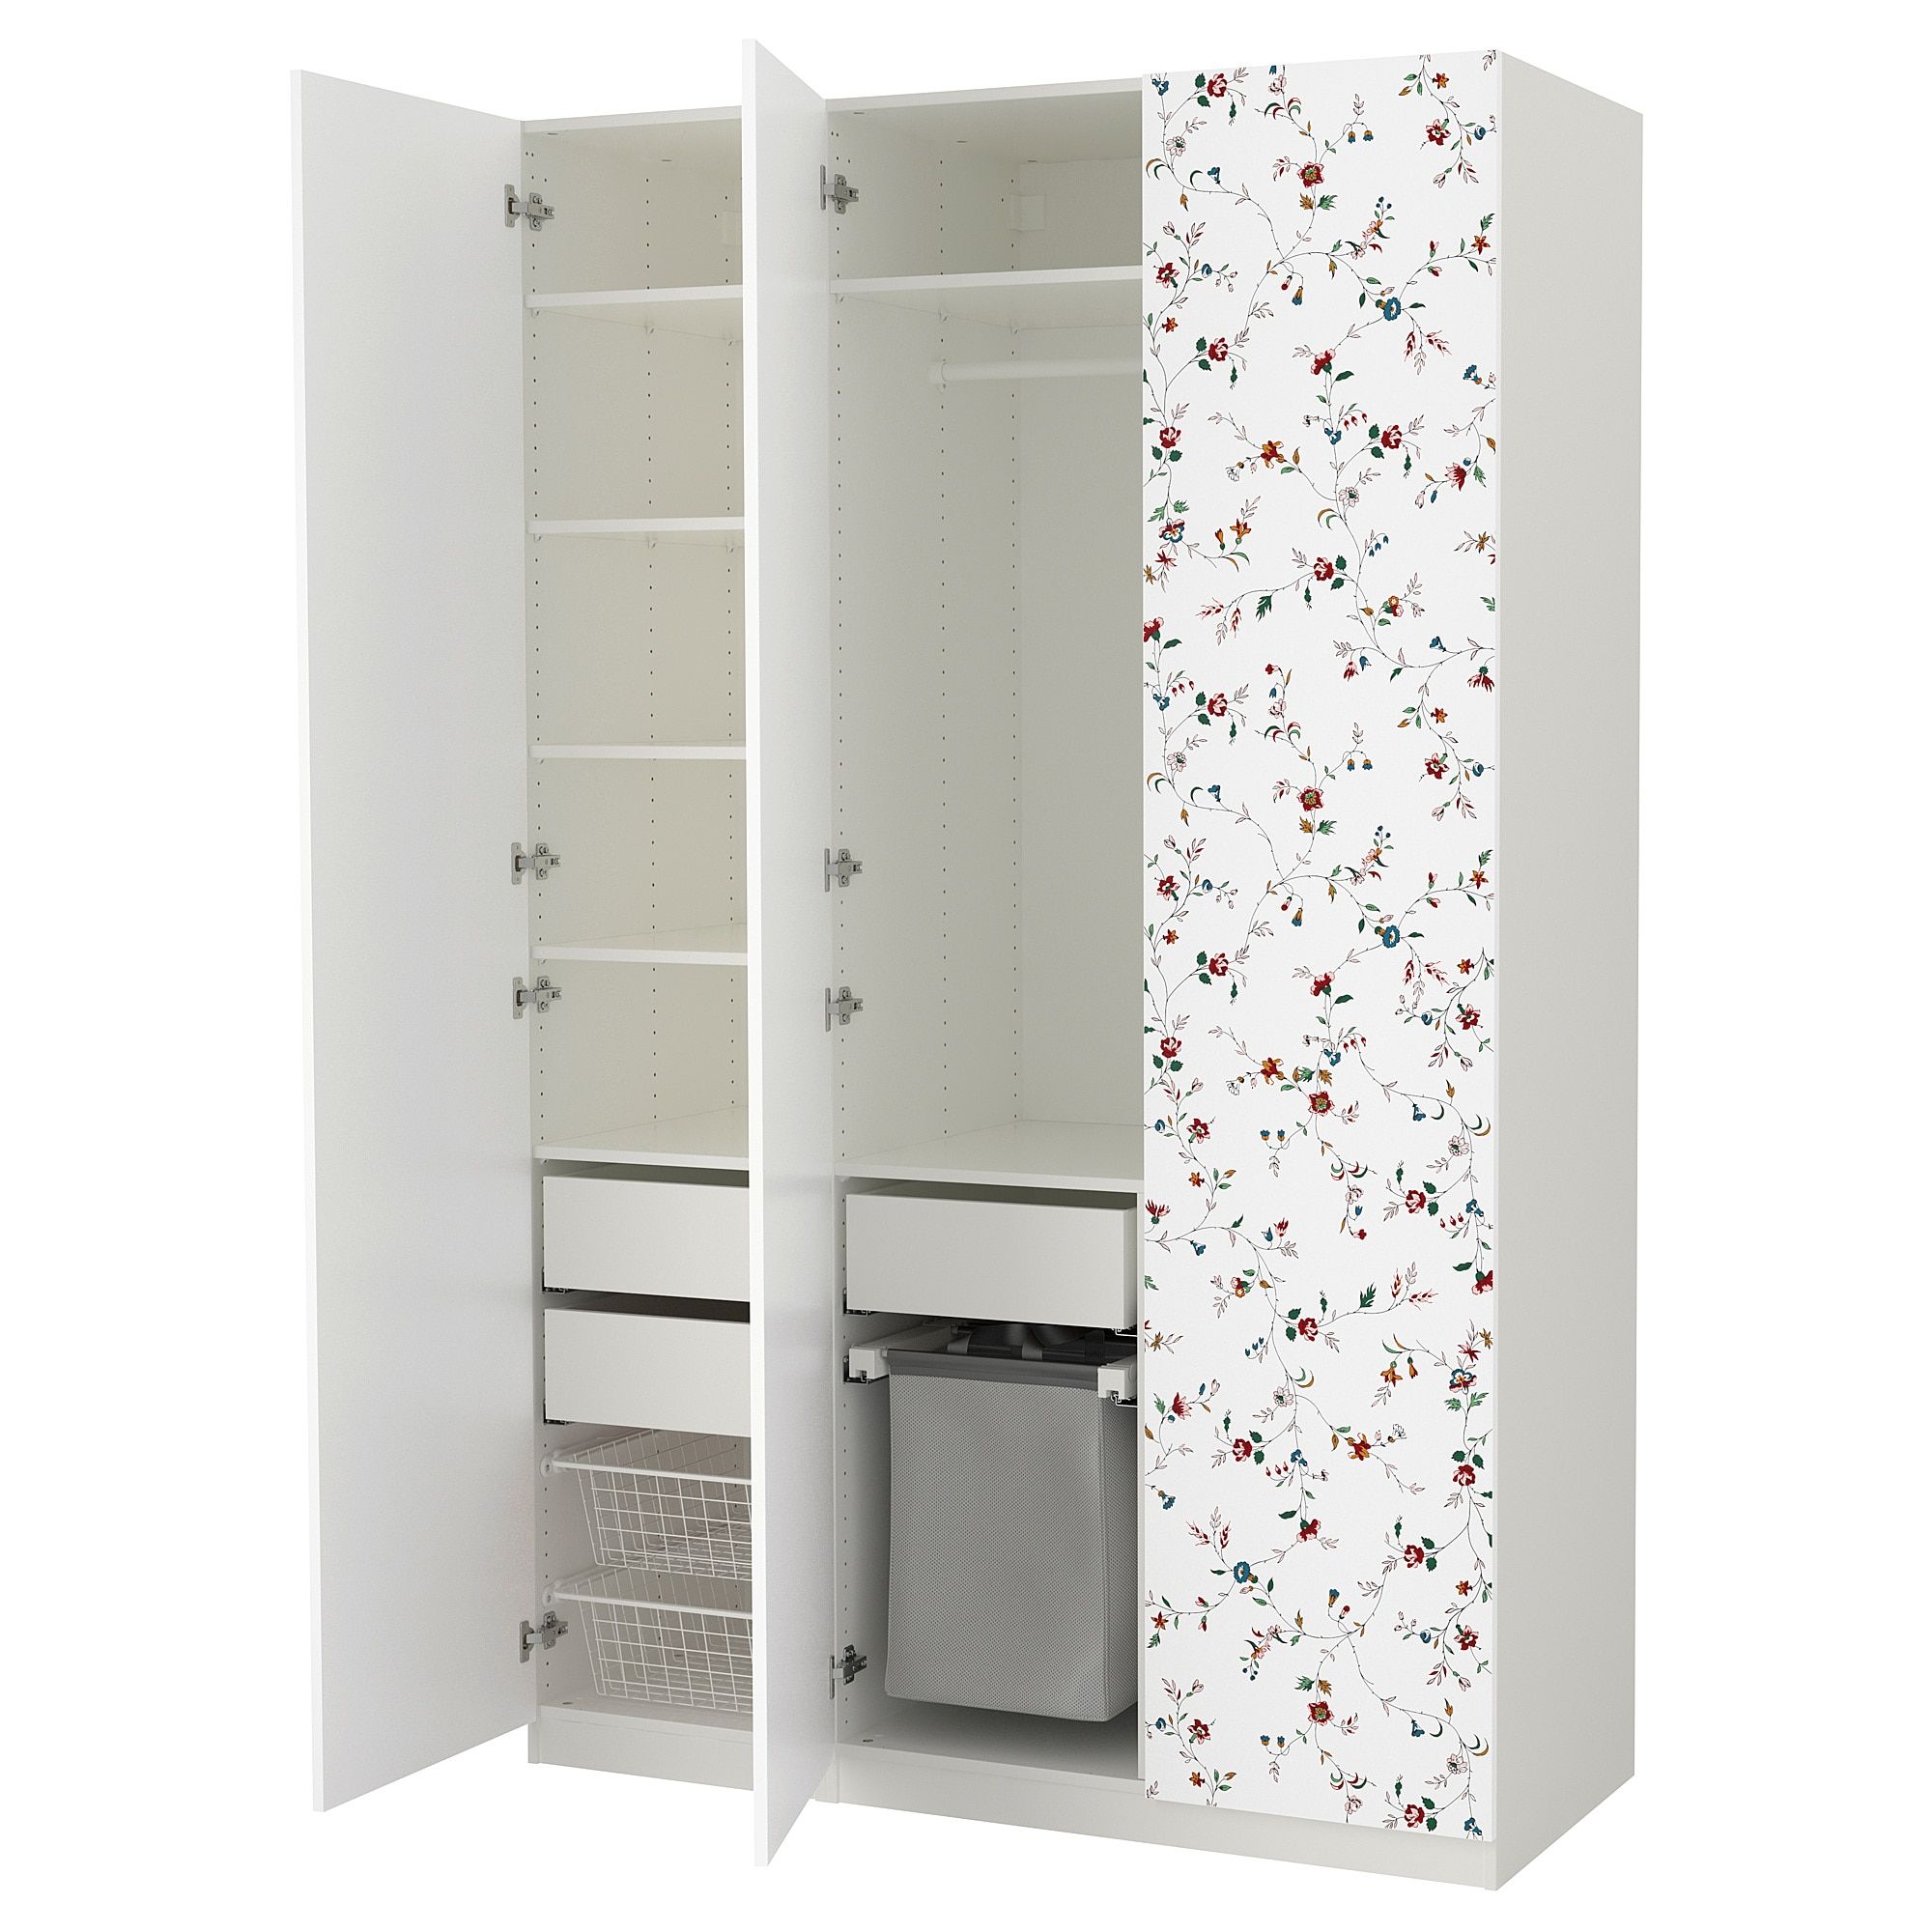 Гардероб ПАКС, белый, Марнардаль с цветочным орнаментом (150x60x236 см)